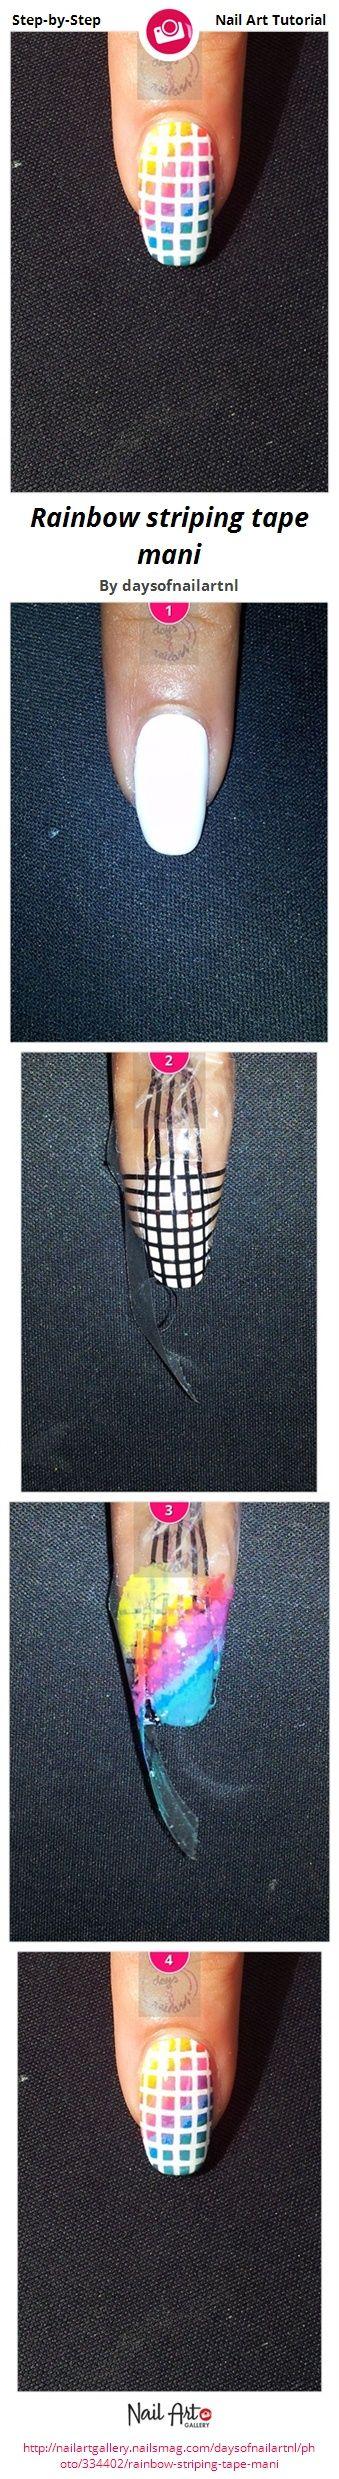 Rainbow striping tape mani by daysofnailartnl - Nail Art Gallery Step-by-Step Tutorials nailartgallery.nailsmag.com by Nails Magazine www.nailsmag.com #nailart